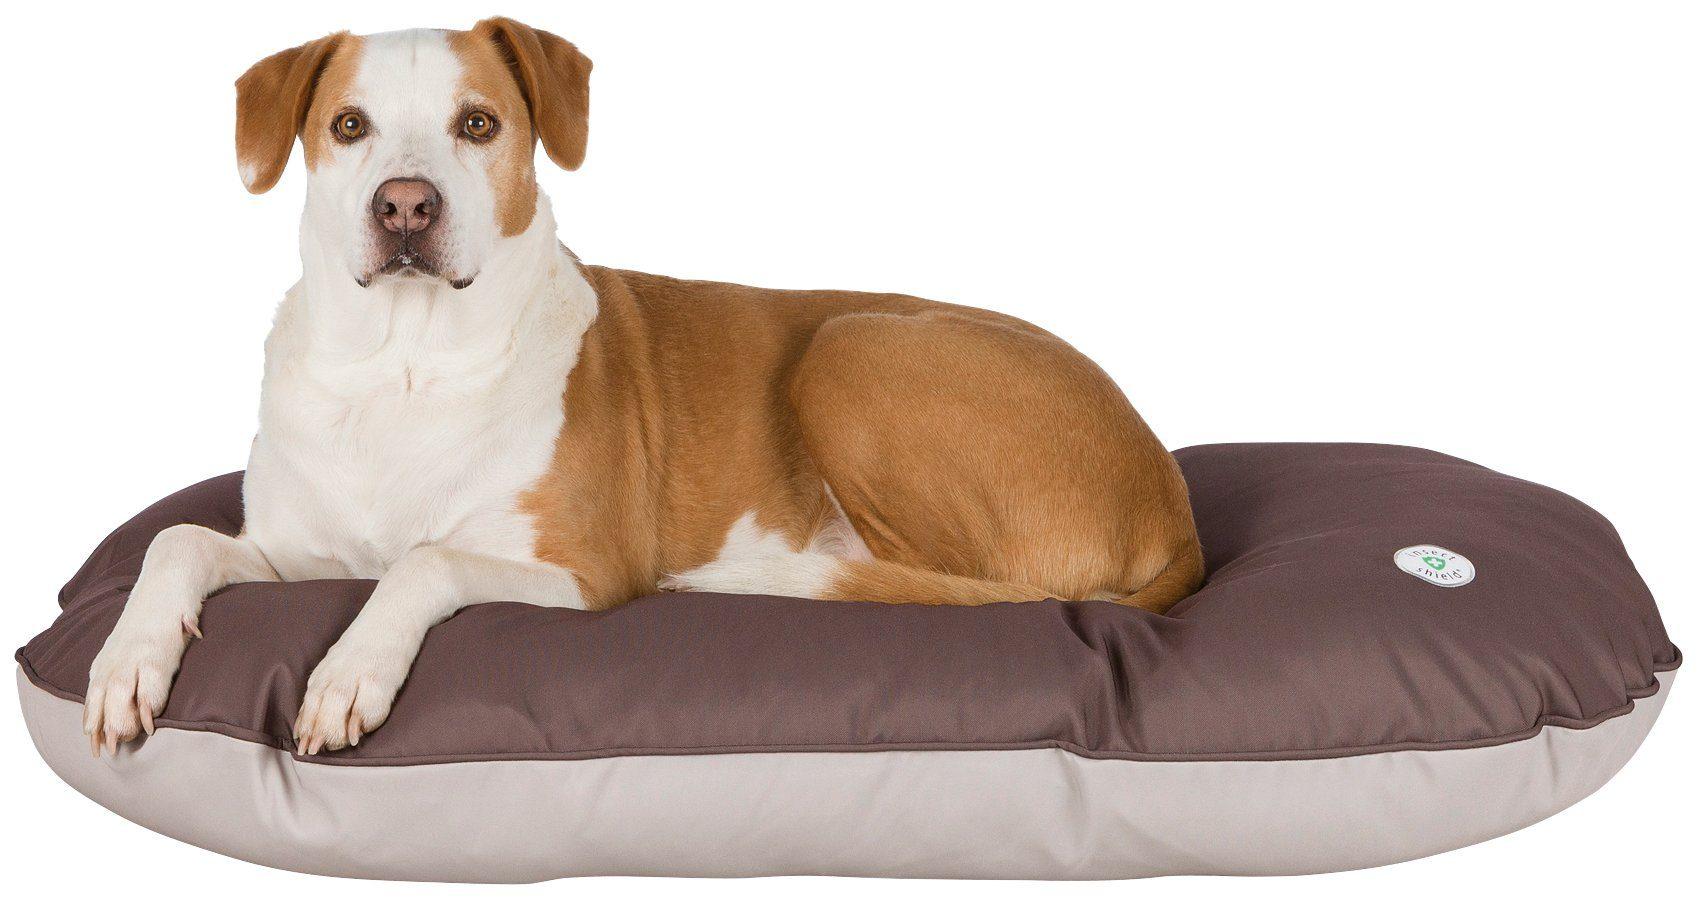 TRIXIE Hundekissen und Katzenkissen »Insect Shield«, BxT: 110x70 cm, beige/braun